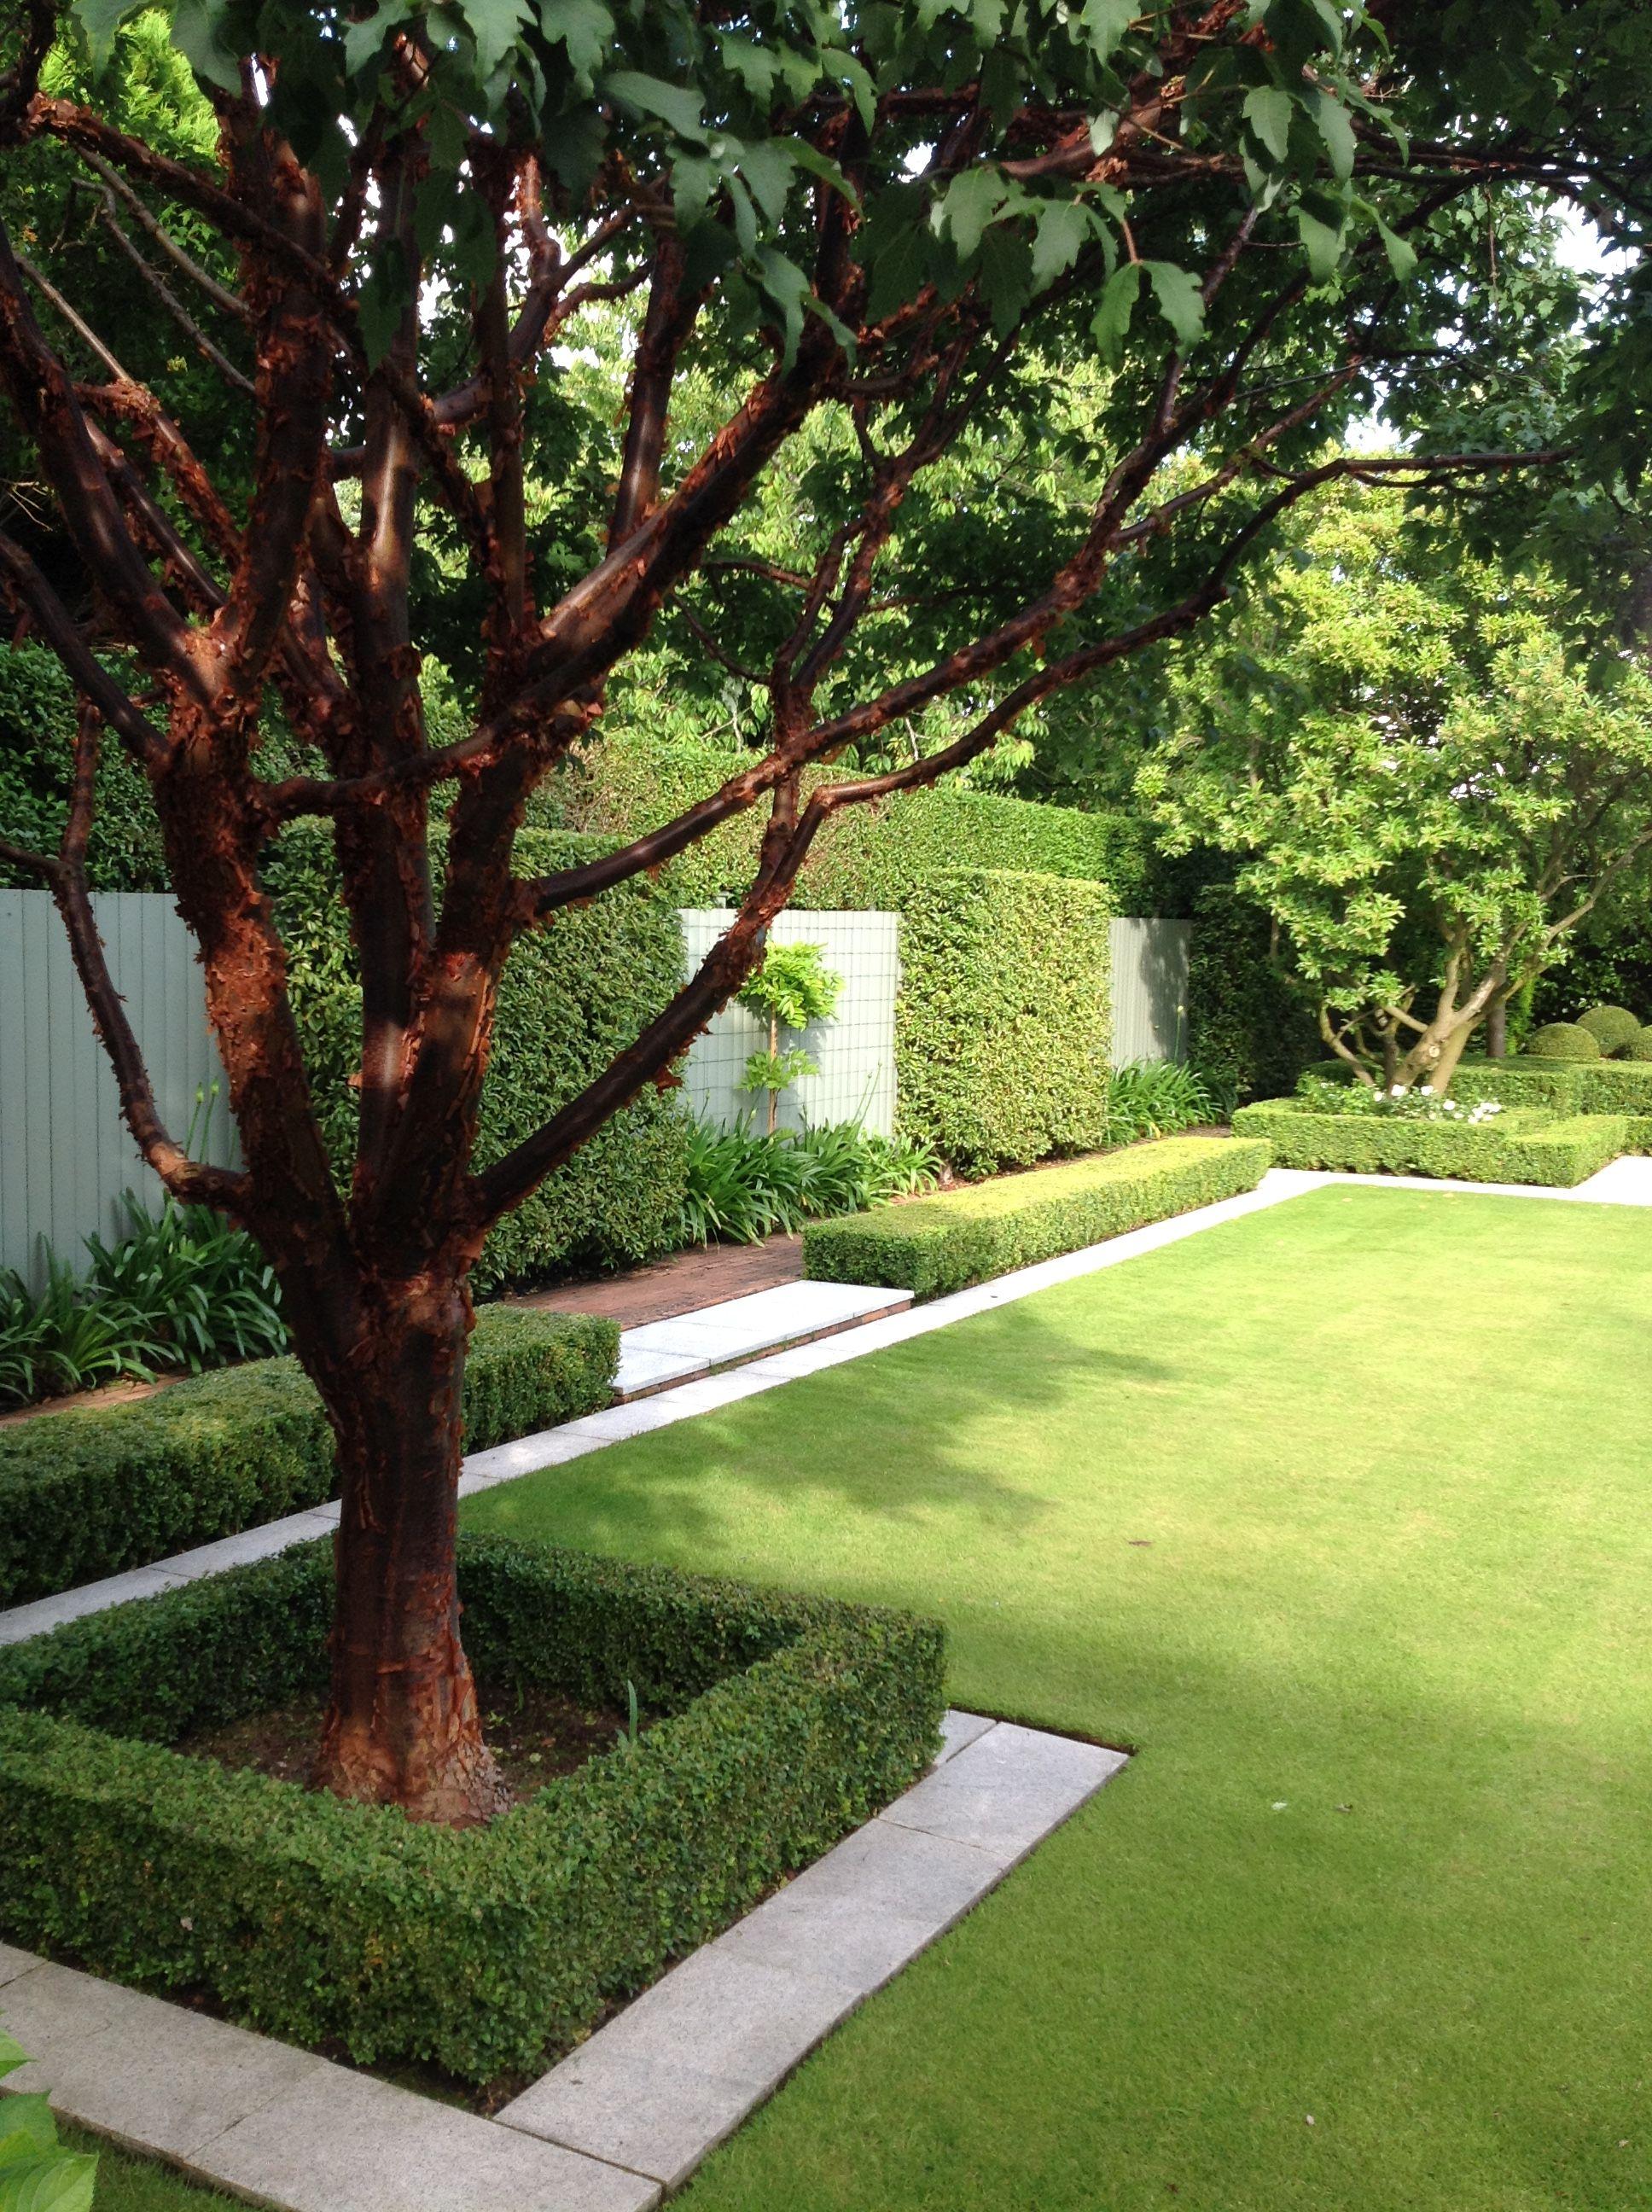 Pin De Eugk En Our Garden Designs Jardines Paisajismo De Patio Jardines Bonitos